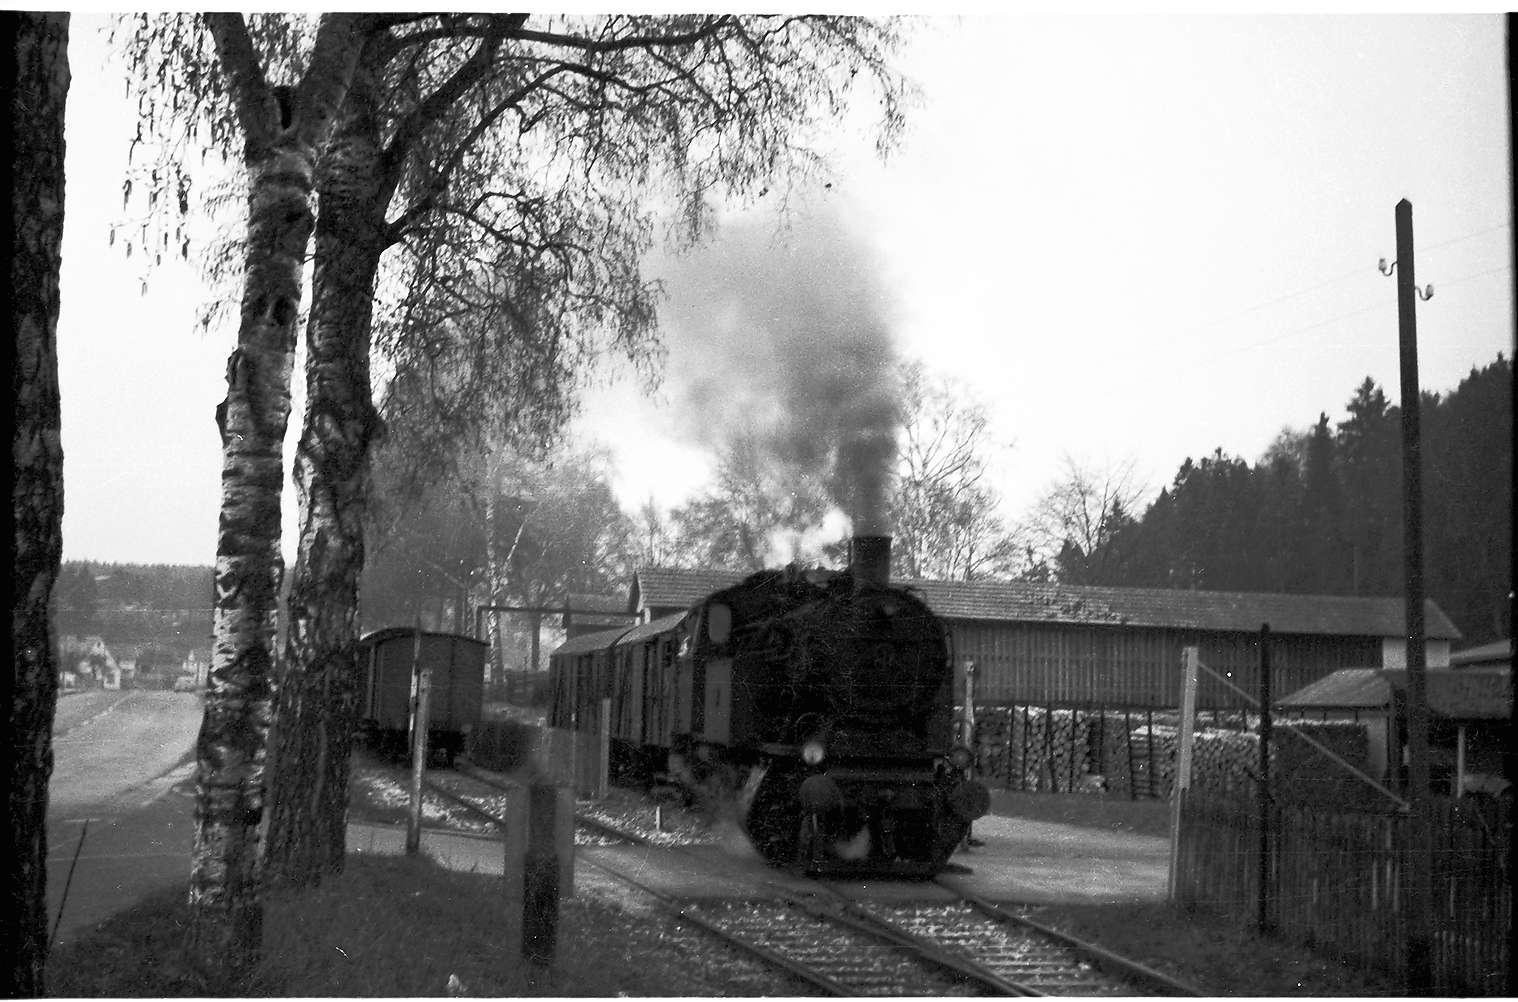 Lok 15, Güterzug 313, Strecke Laucherthal - Sigmaringendorf, Güterwagen einstellen vom Gleisanschluss Siegfried Schaal, den es 2009 nicht mehr gibt, Bild 1